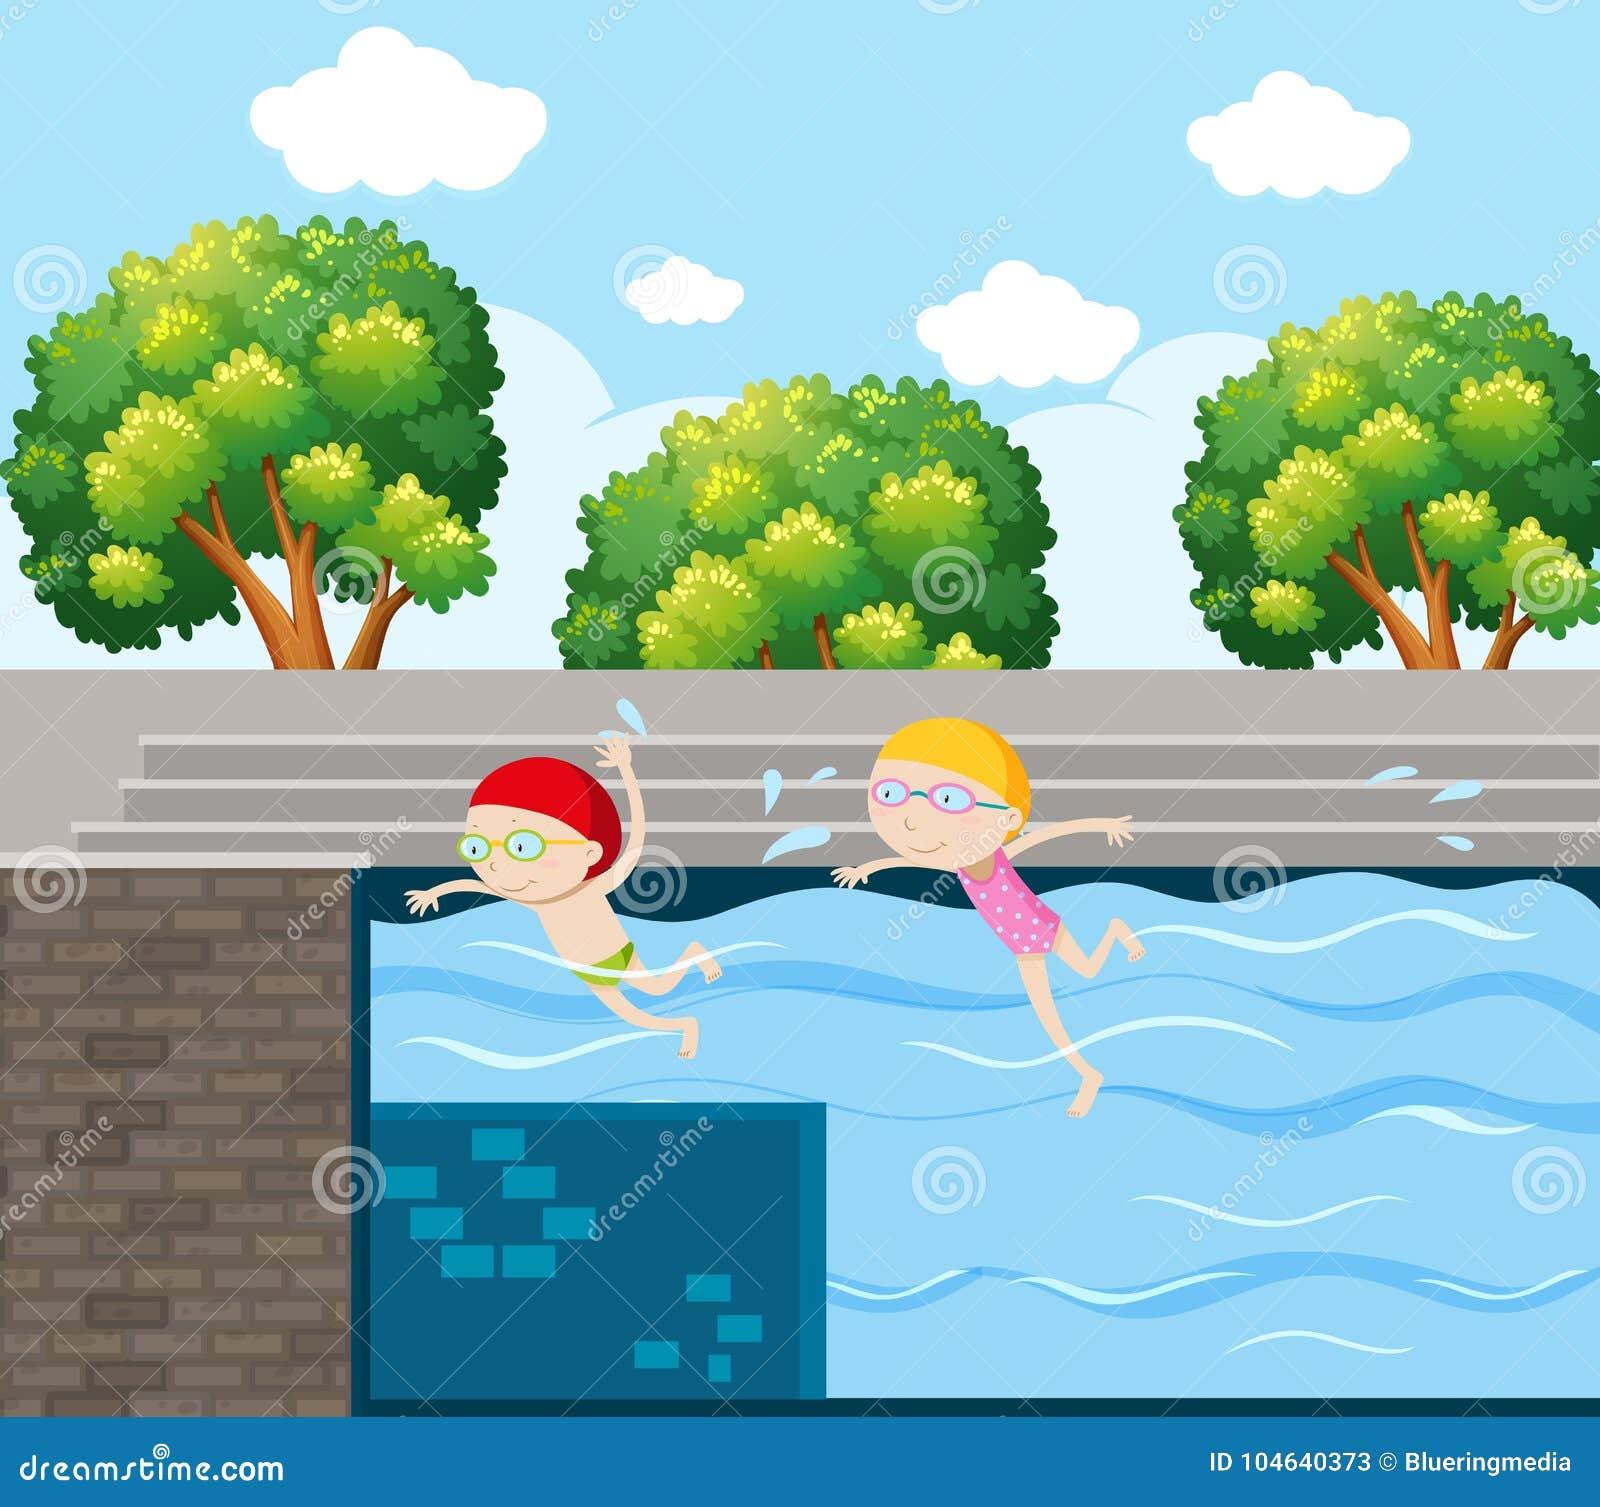 Download Twee Jonge Geitjes Die In Pool Zwemmen Vector Illustratie - Illustratie bestaande uit tekening, art: 104640373